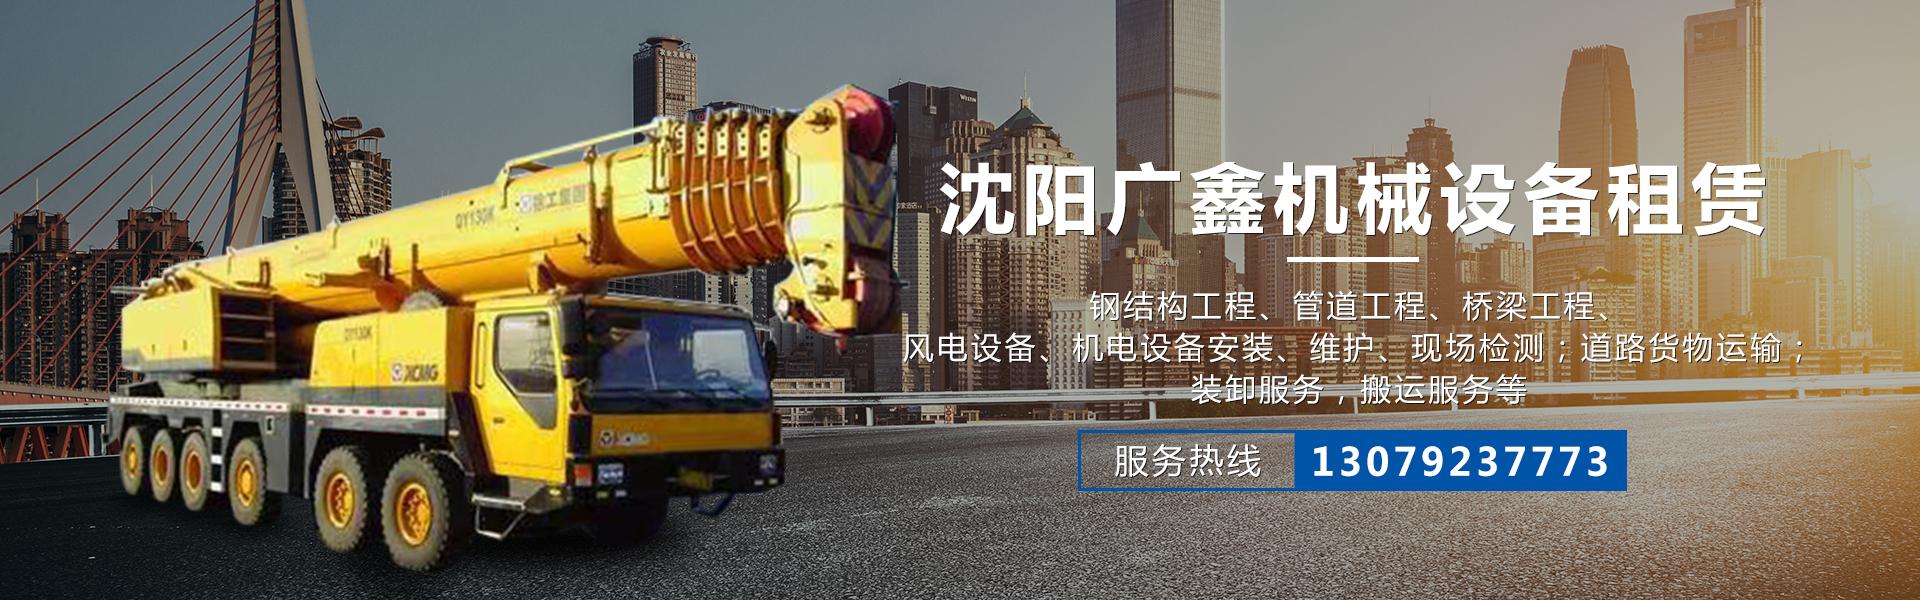 沈阳吊车租赁,沈阳汽车吊出租,沈阳盾构吊装,沈阳大件吊装,沈阳大件吊运